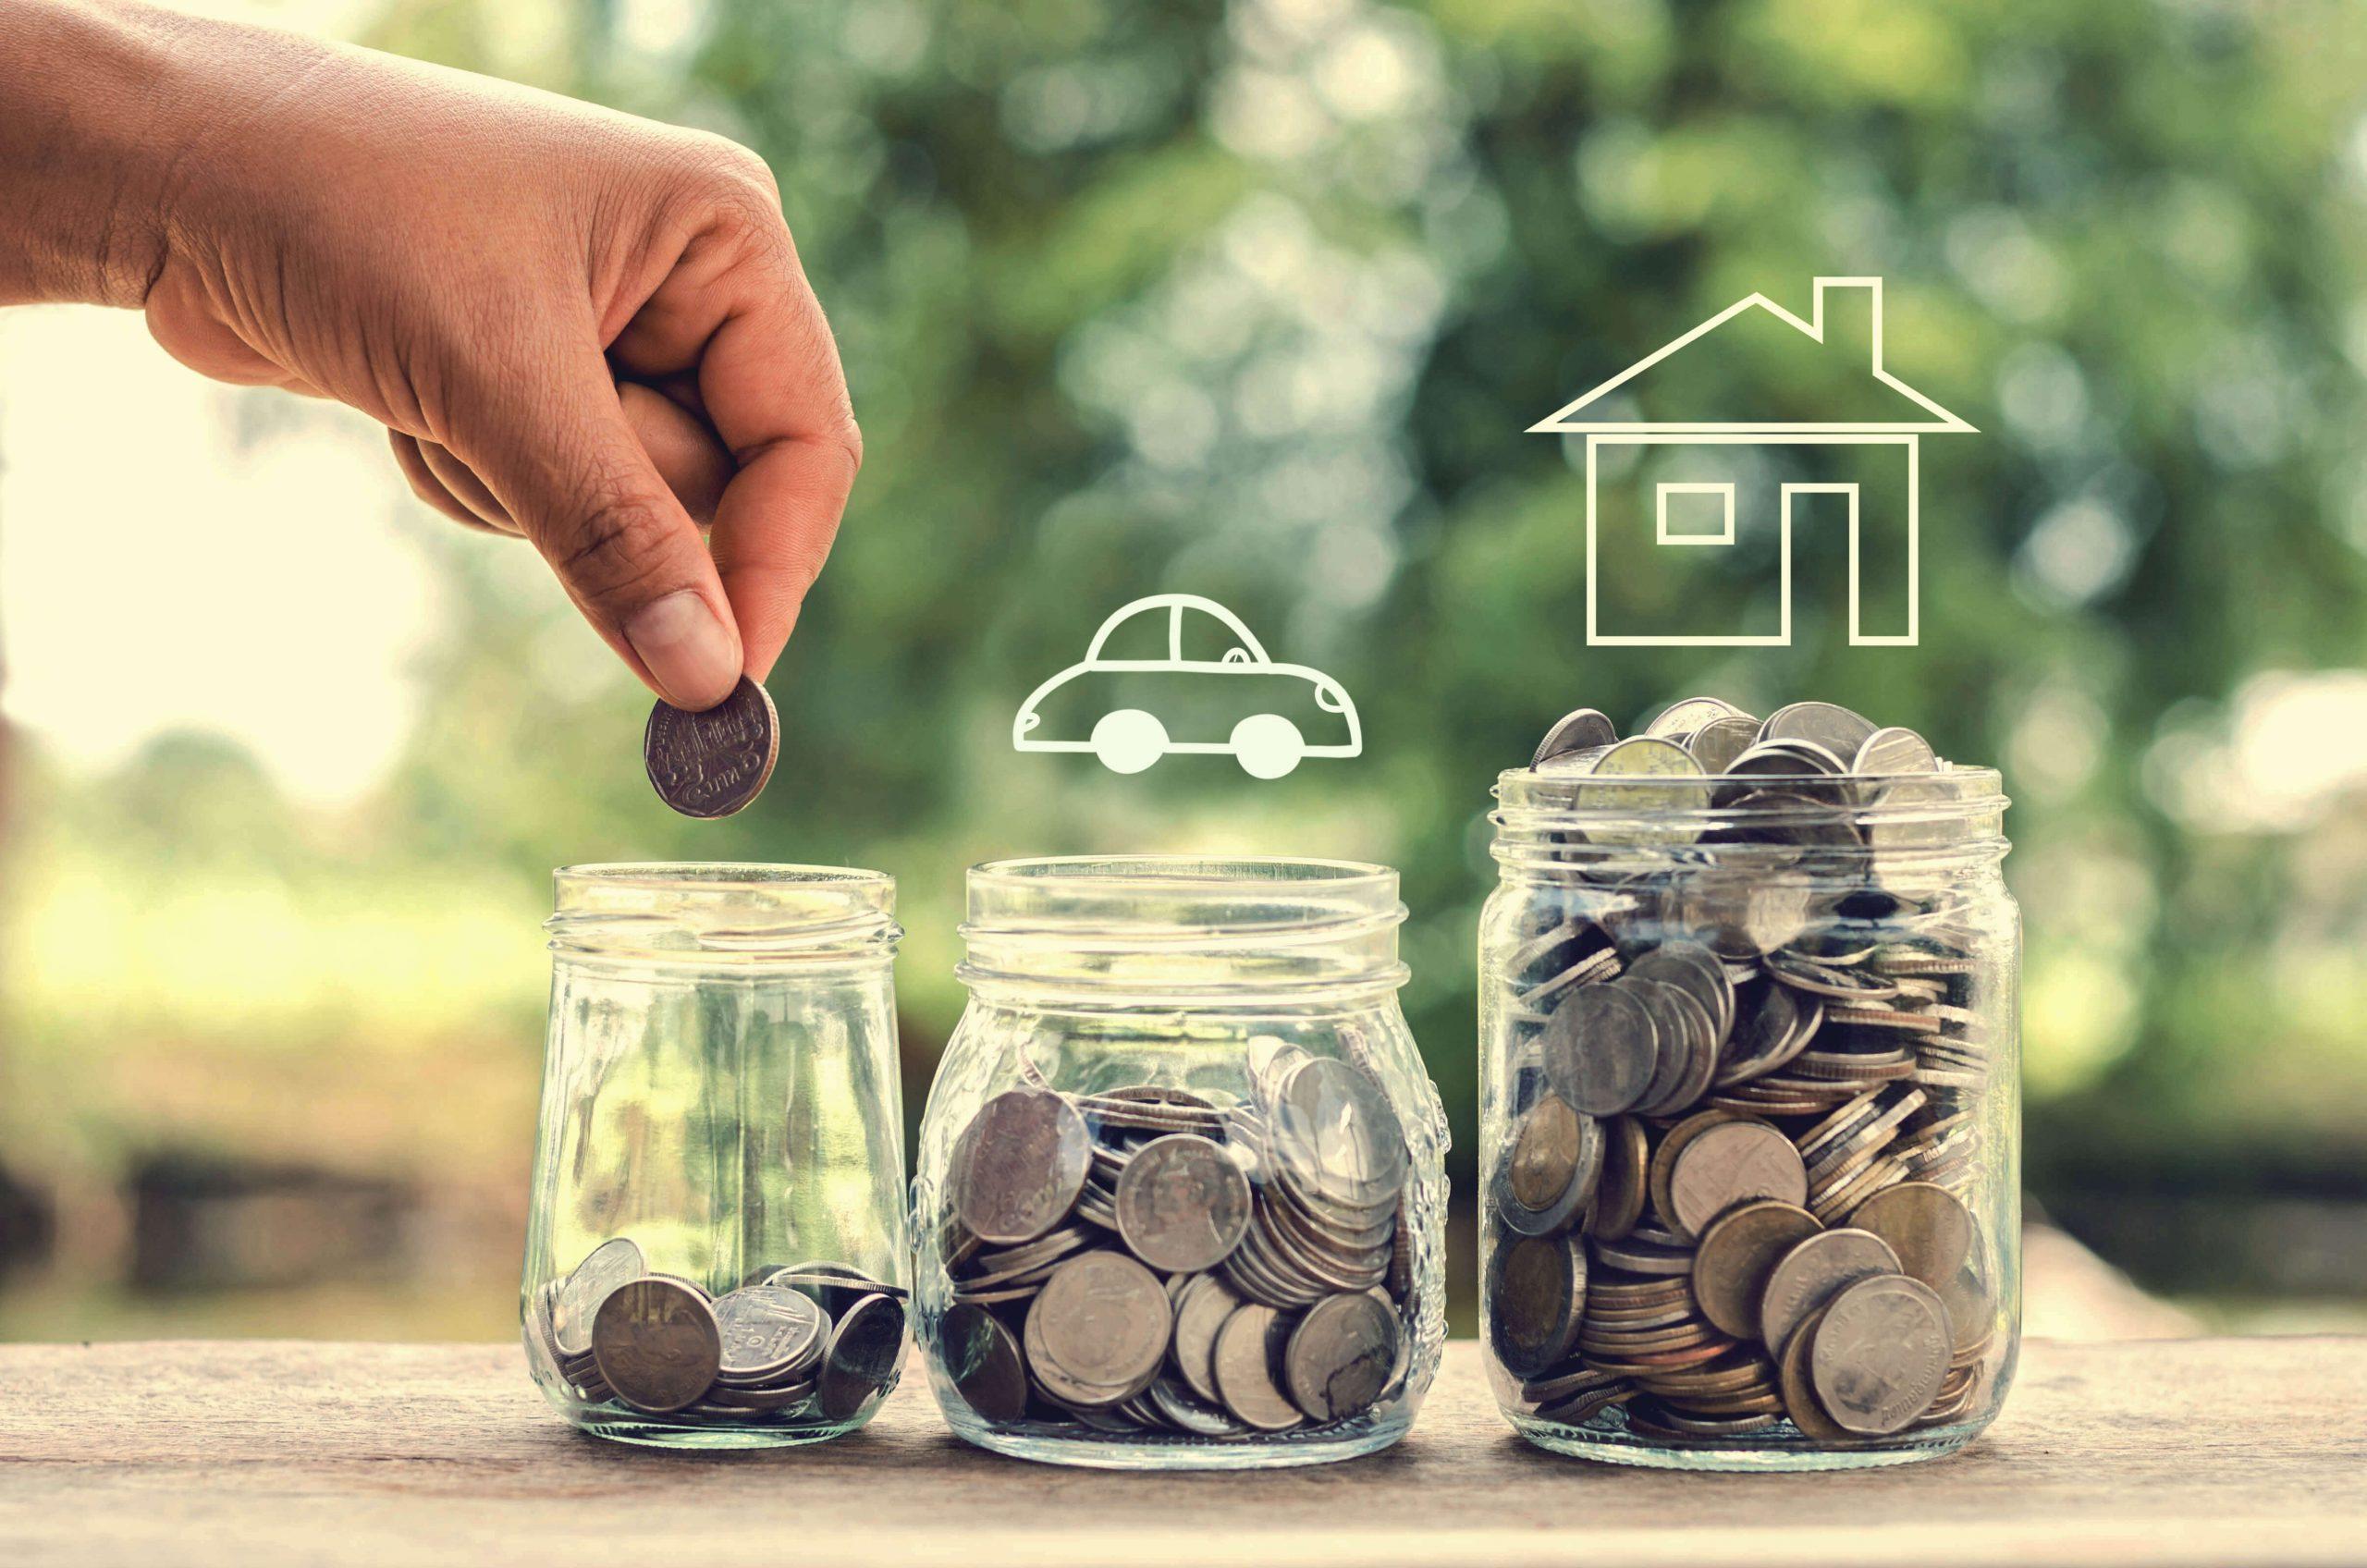 4 vấn đề tranh cãi không hồi kết trong tài chính cá nhân - Ảnh 2.